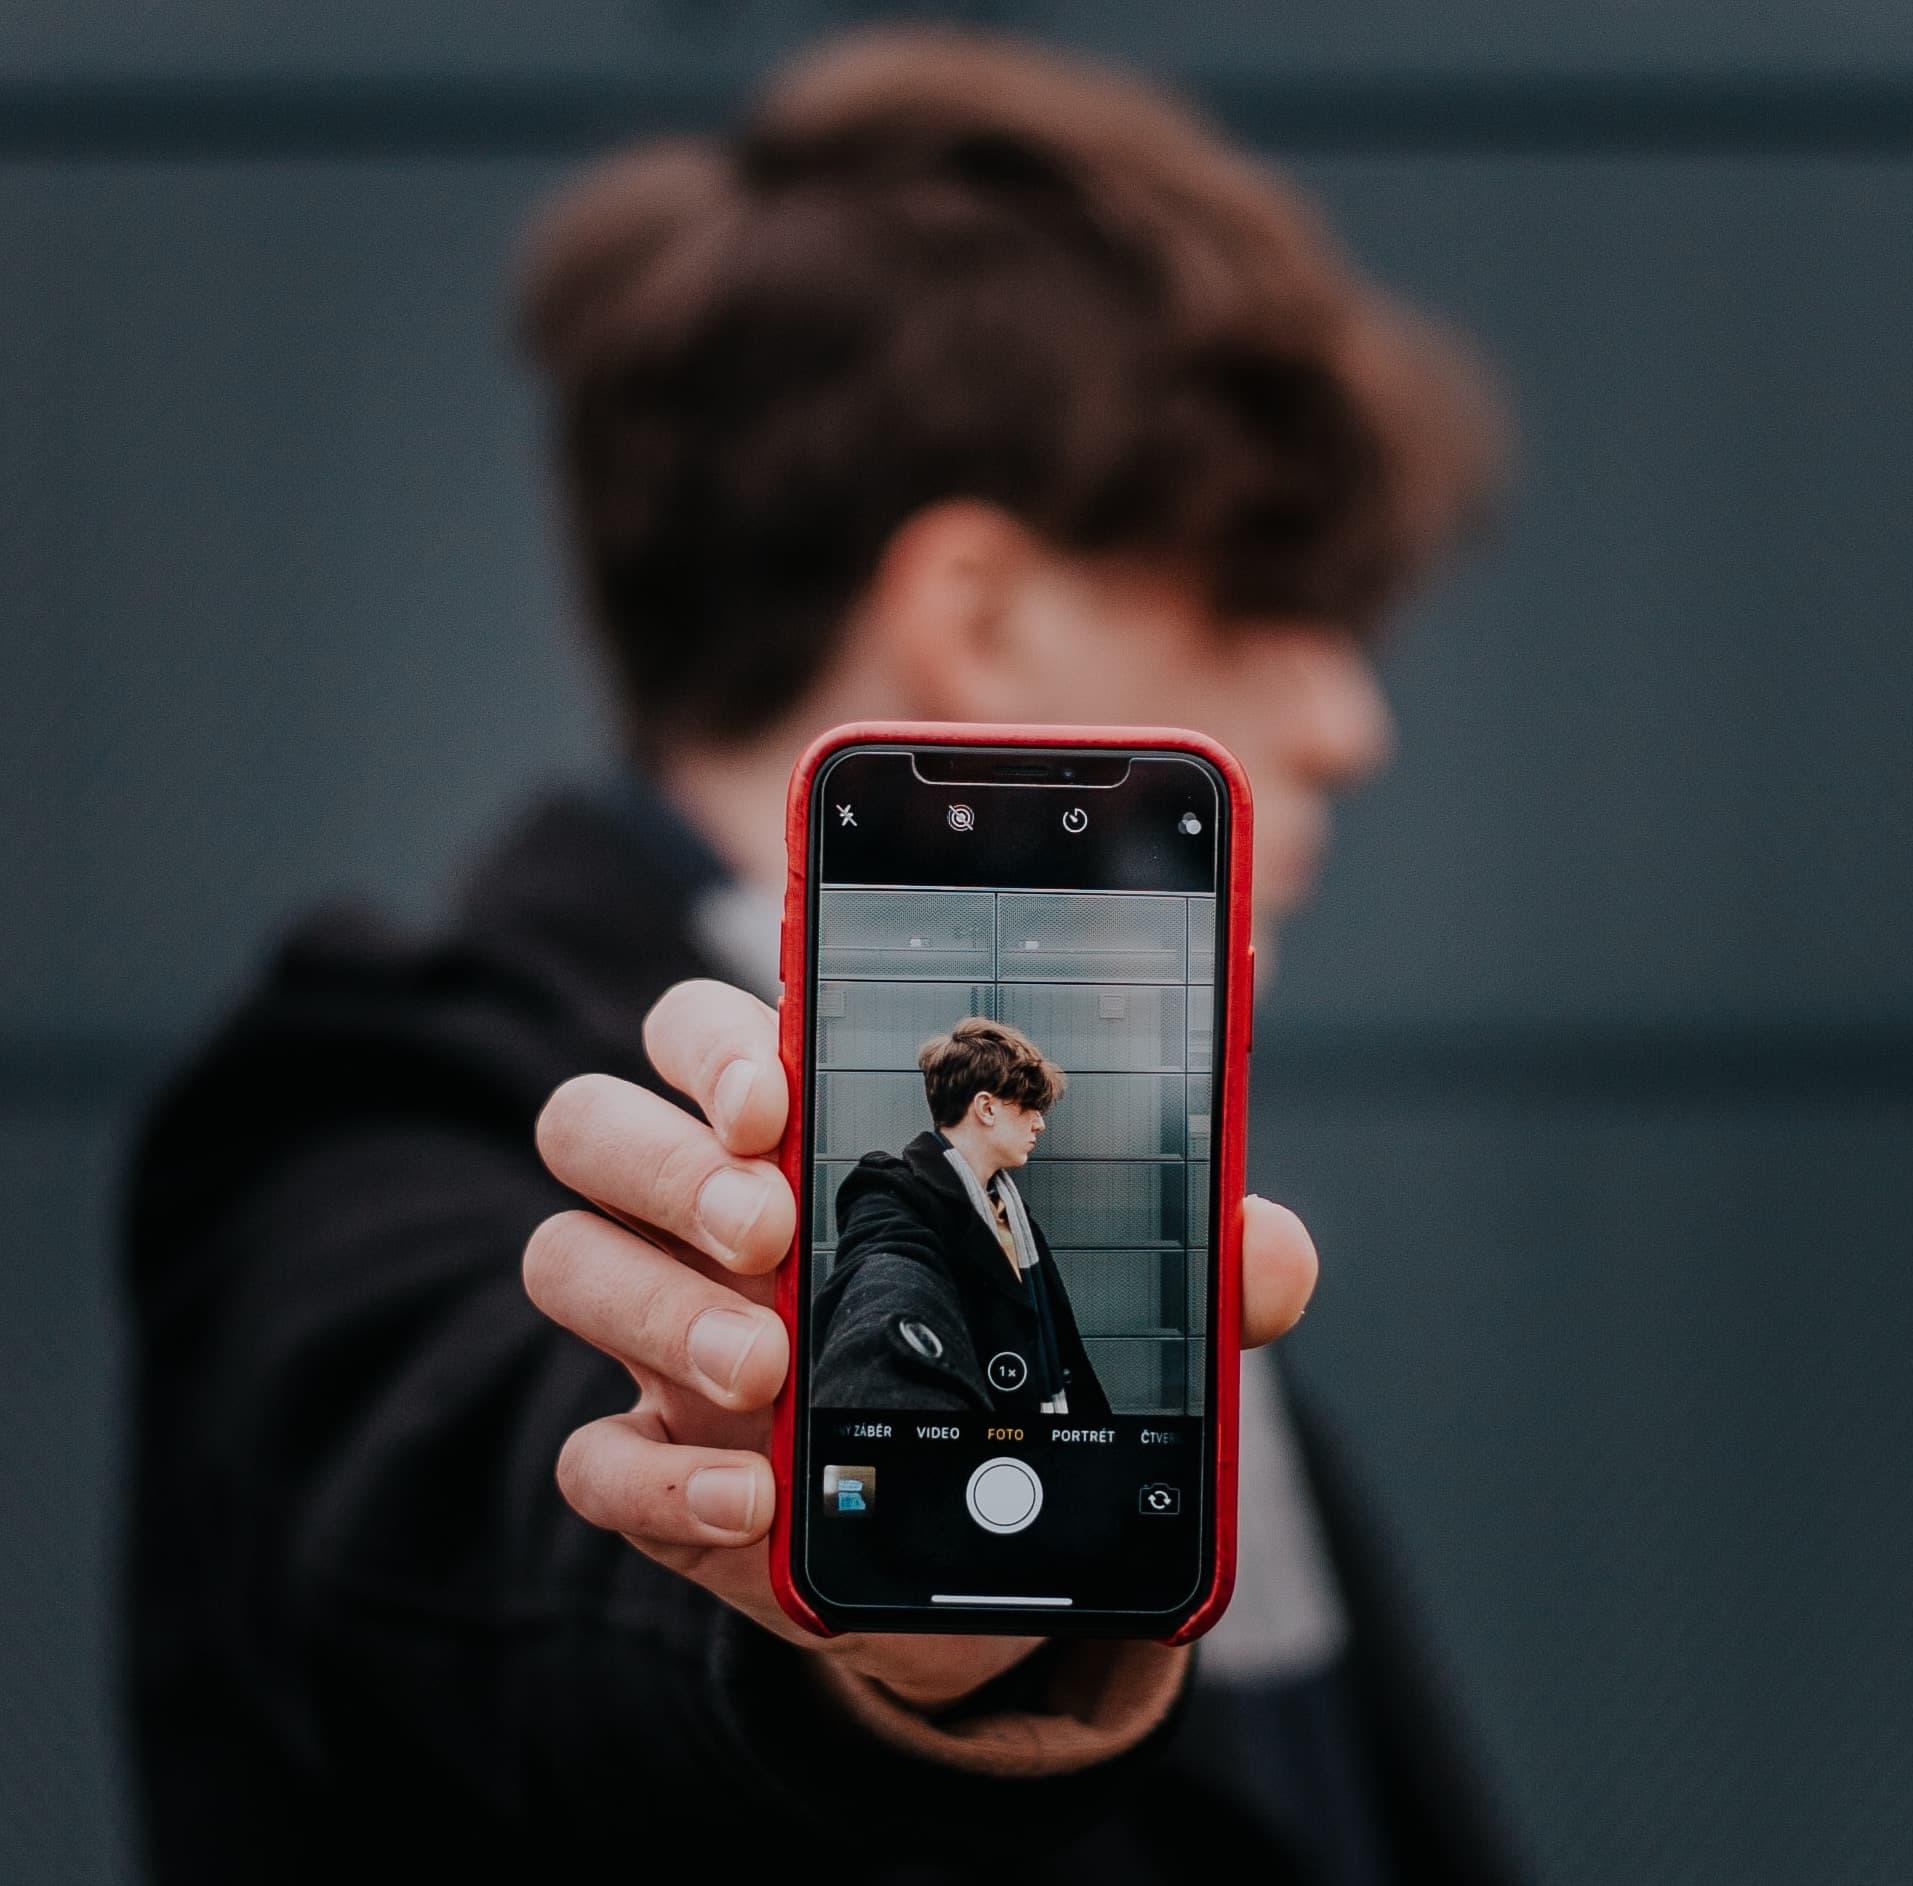 adulto joven de la generación z con smartphone